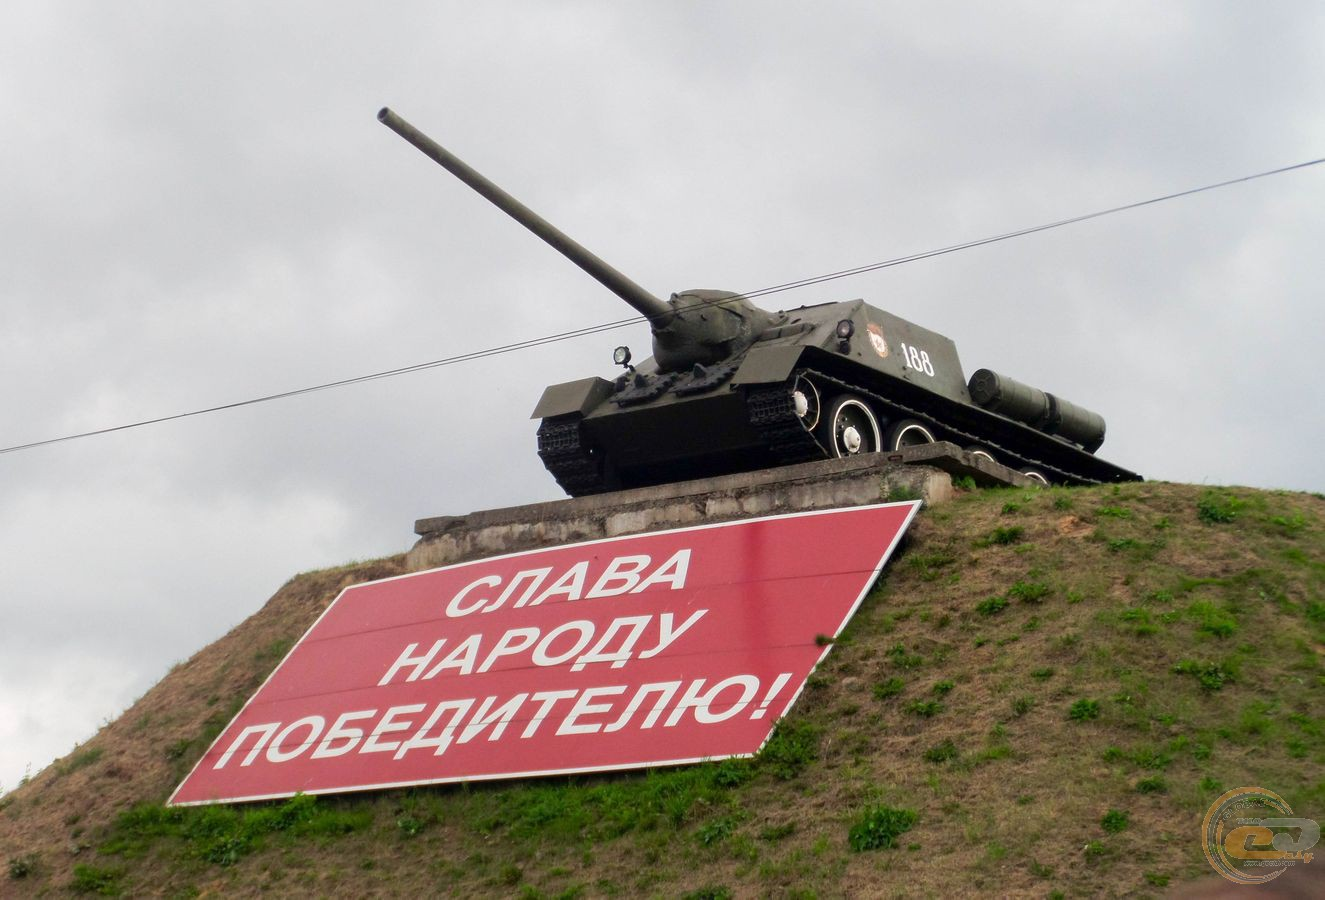 Открытки день танкиста. Слава народу победителю!